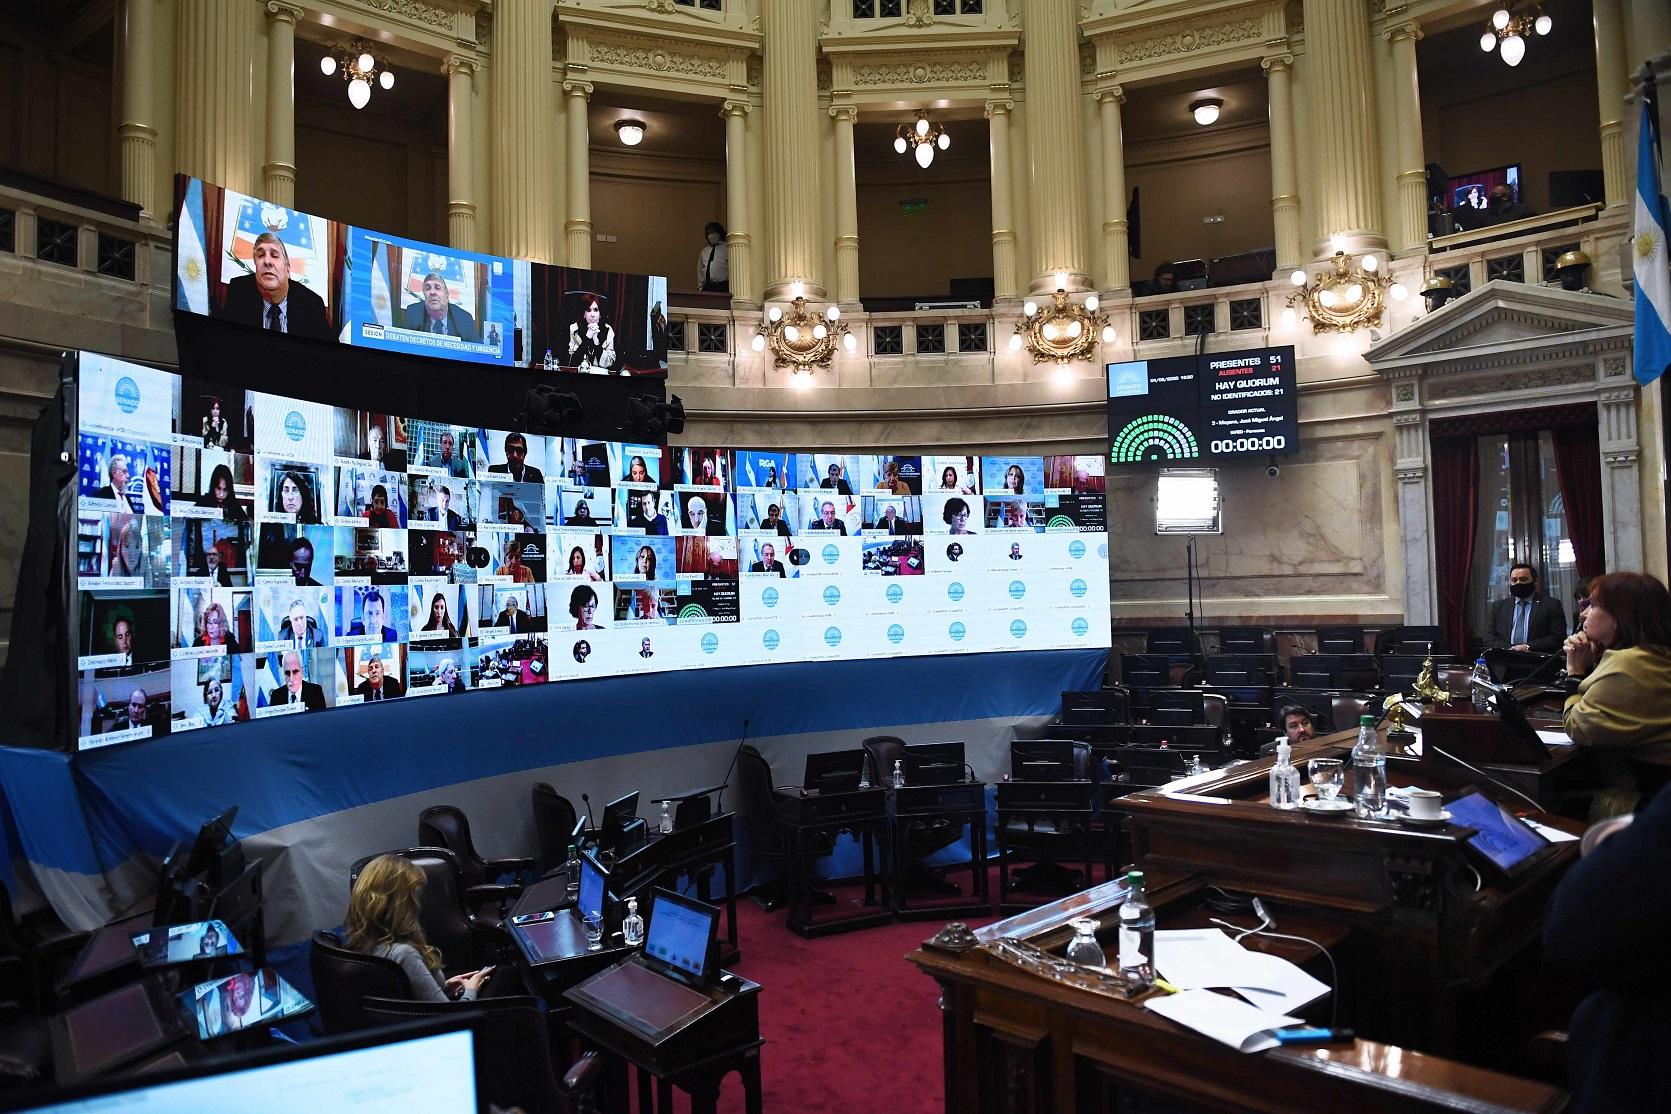 Sesión caliente: La oposición pegó el «portazo virtual» y el oficialismo rechazó DNU de Macri y aprobó «superpoderes» a Cafiero